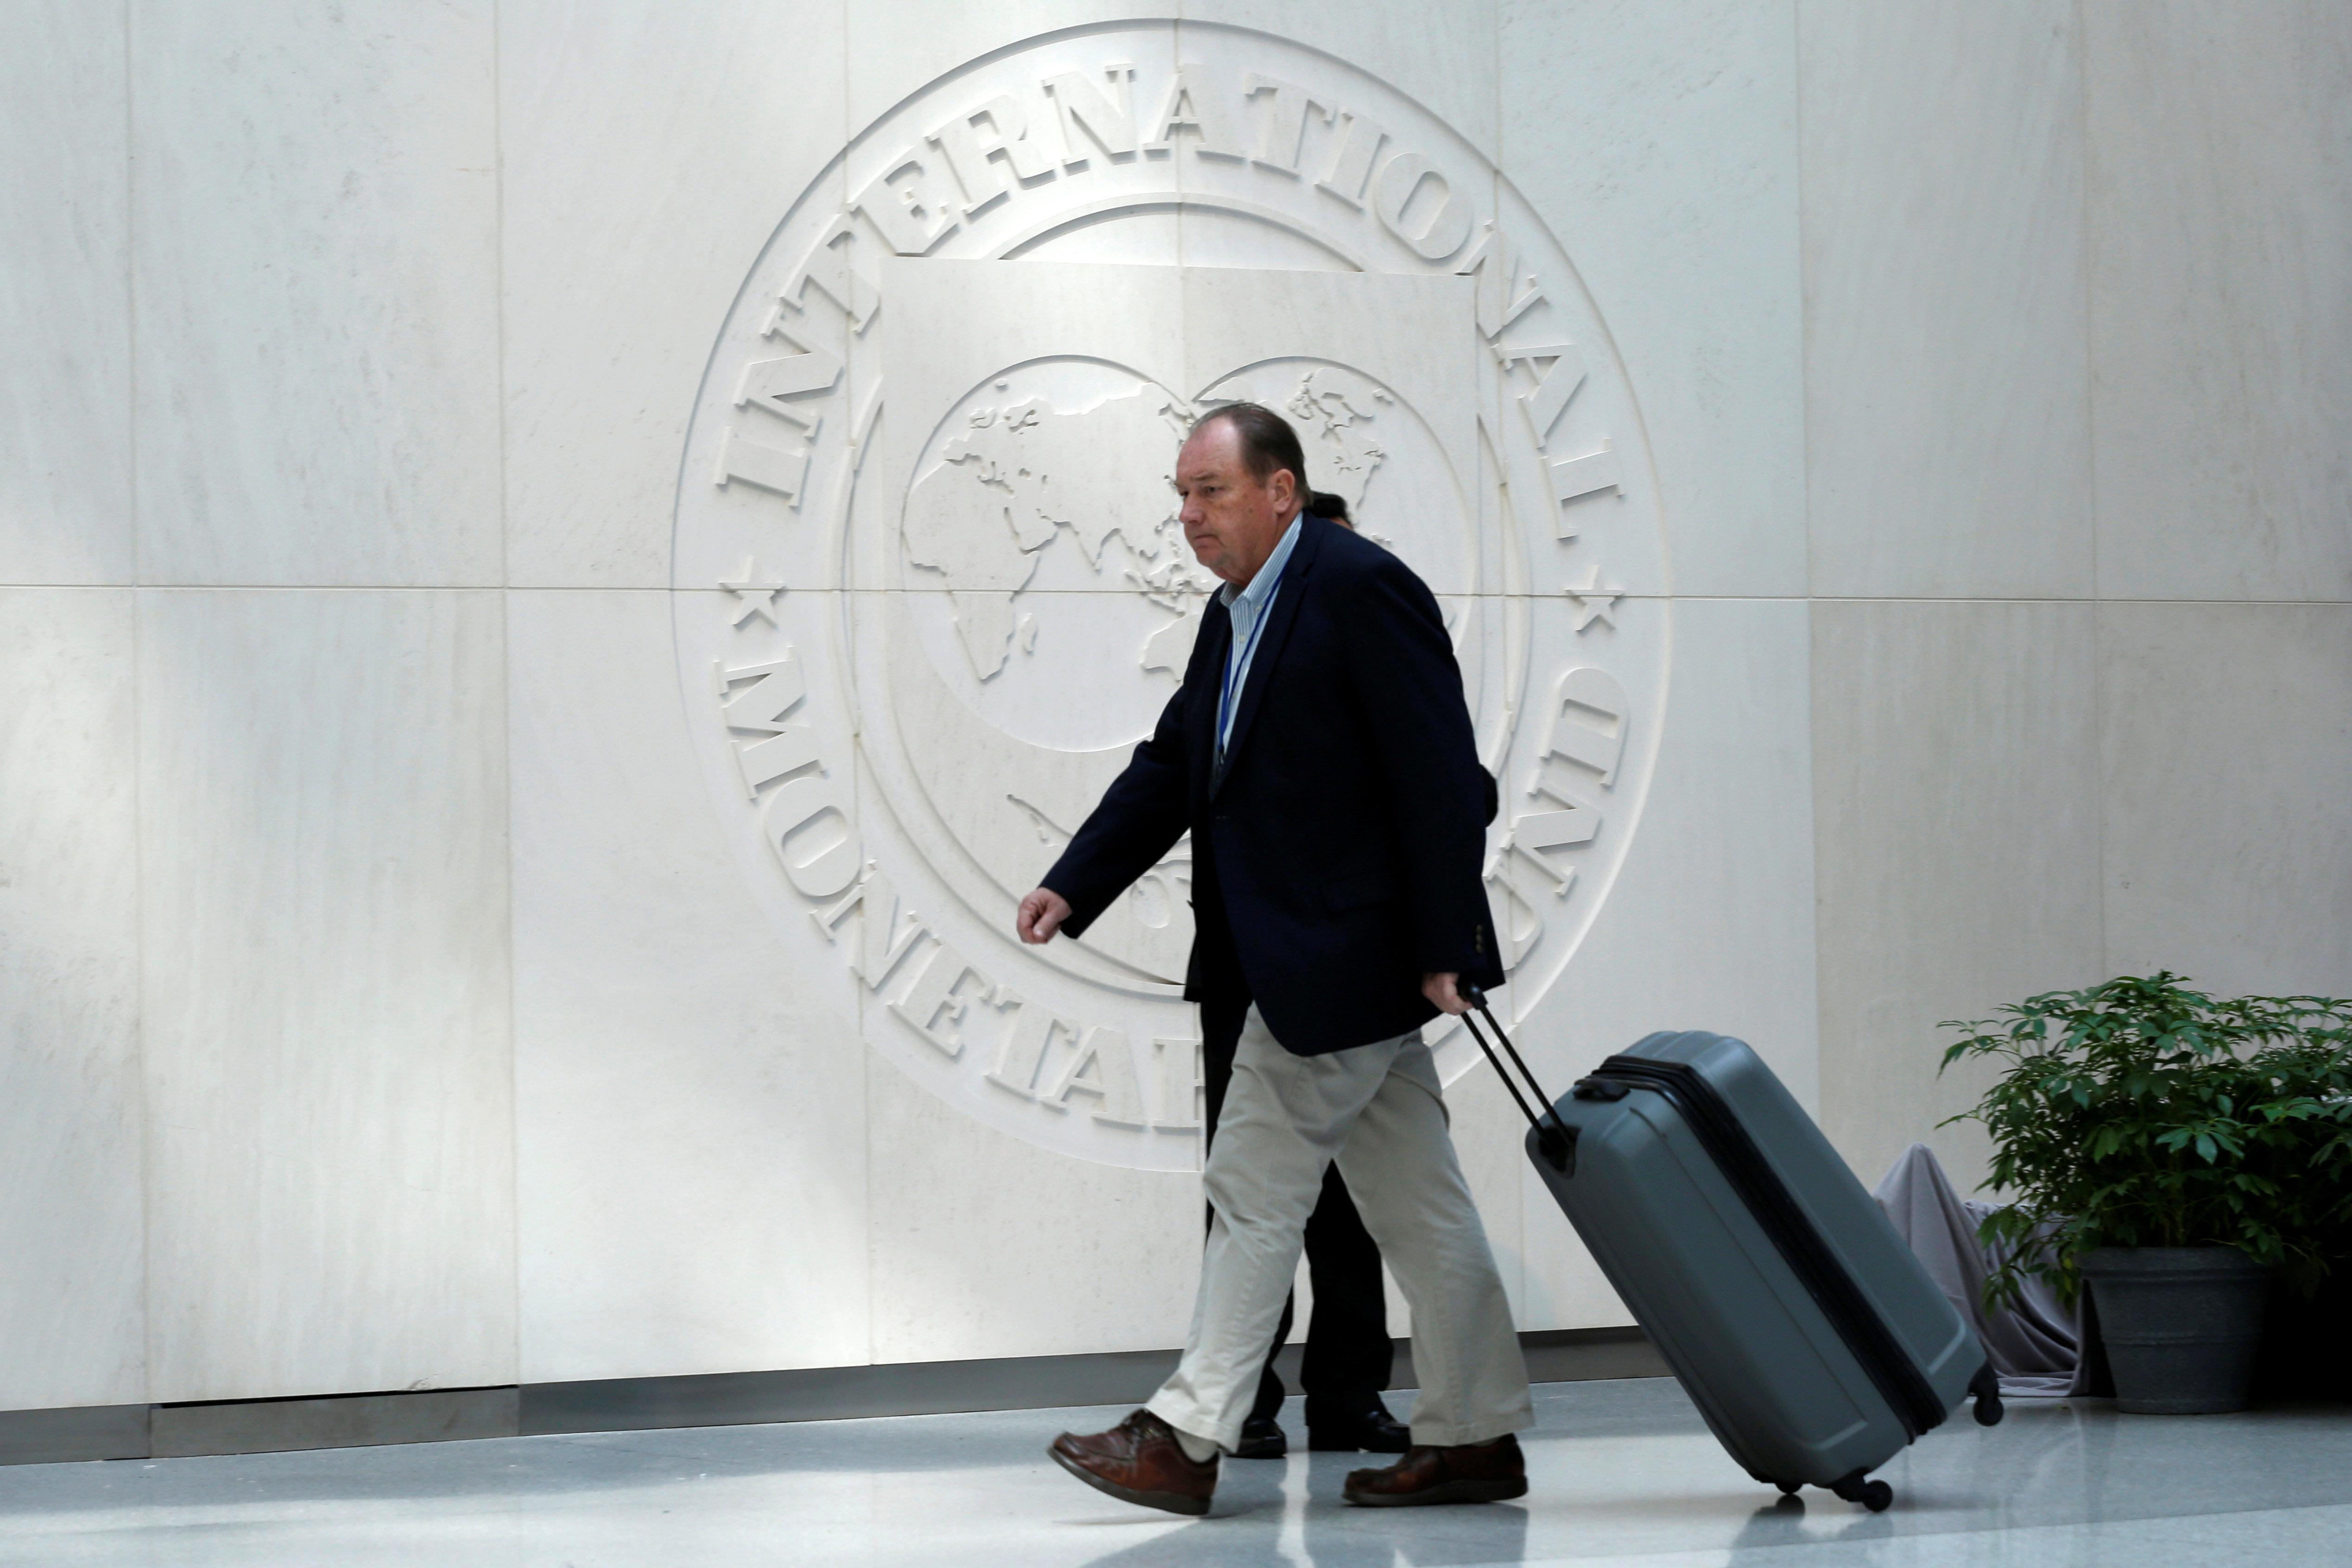 Τον Ιούνιο οι αποφάσεις για το αφορολόγητο λέει το ΔΝΤ